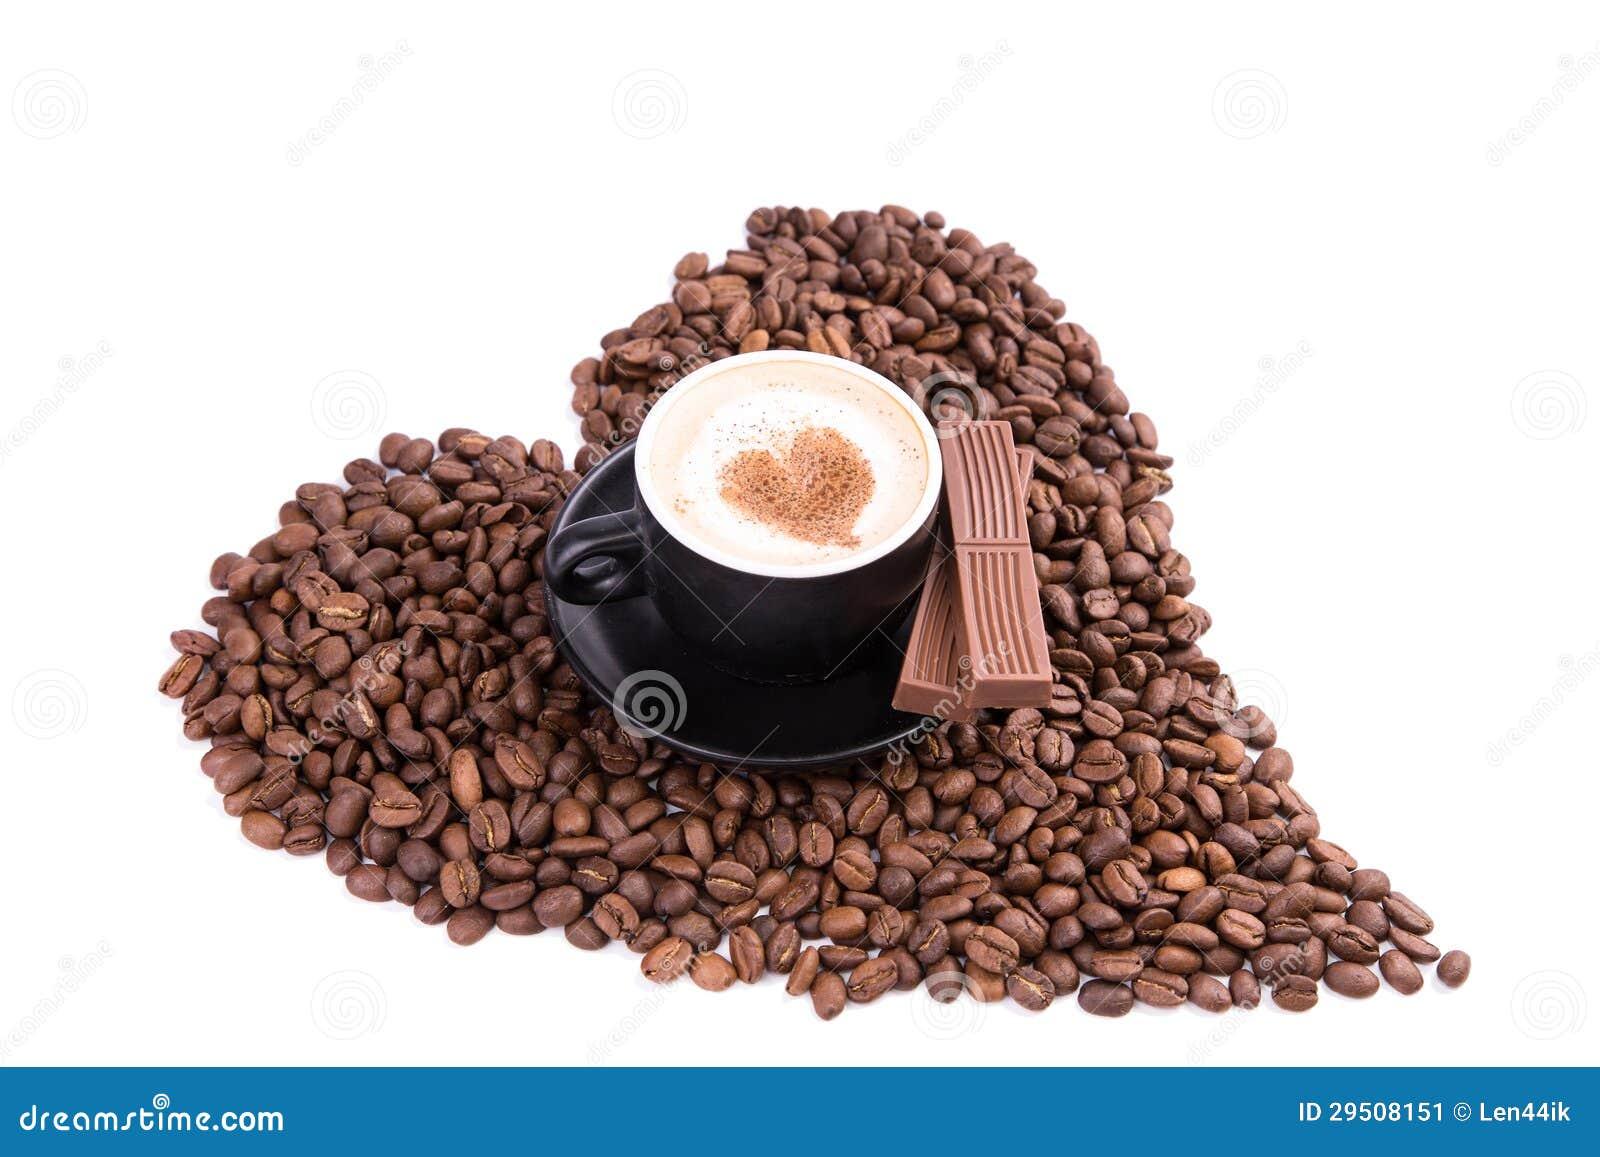 Kop van koffie met een hart met stuk van chocolade. Koffiepauzeconcept.